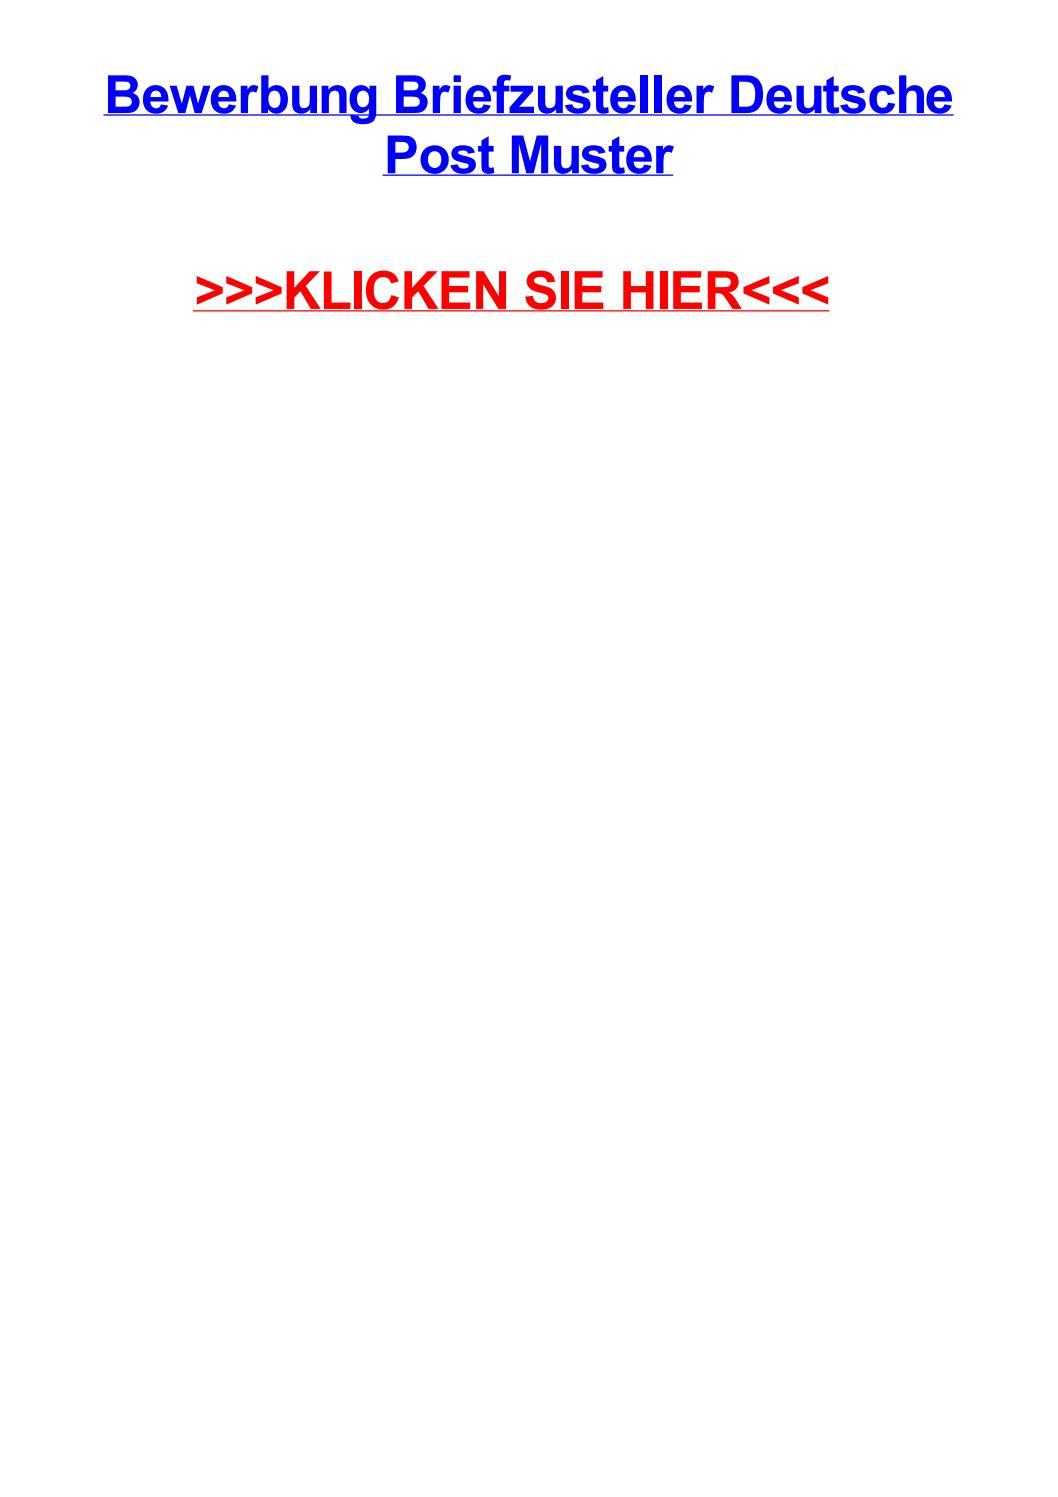 Bewerbung Briefzusteller Deutsche Post Muster By Coolrmdpt Issuu